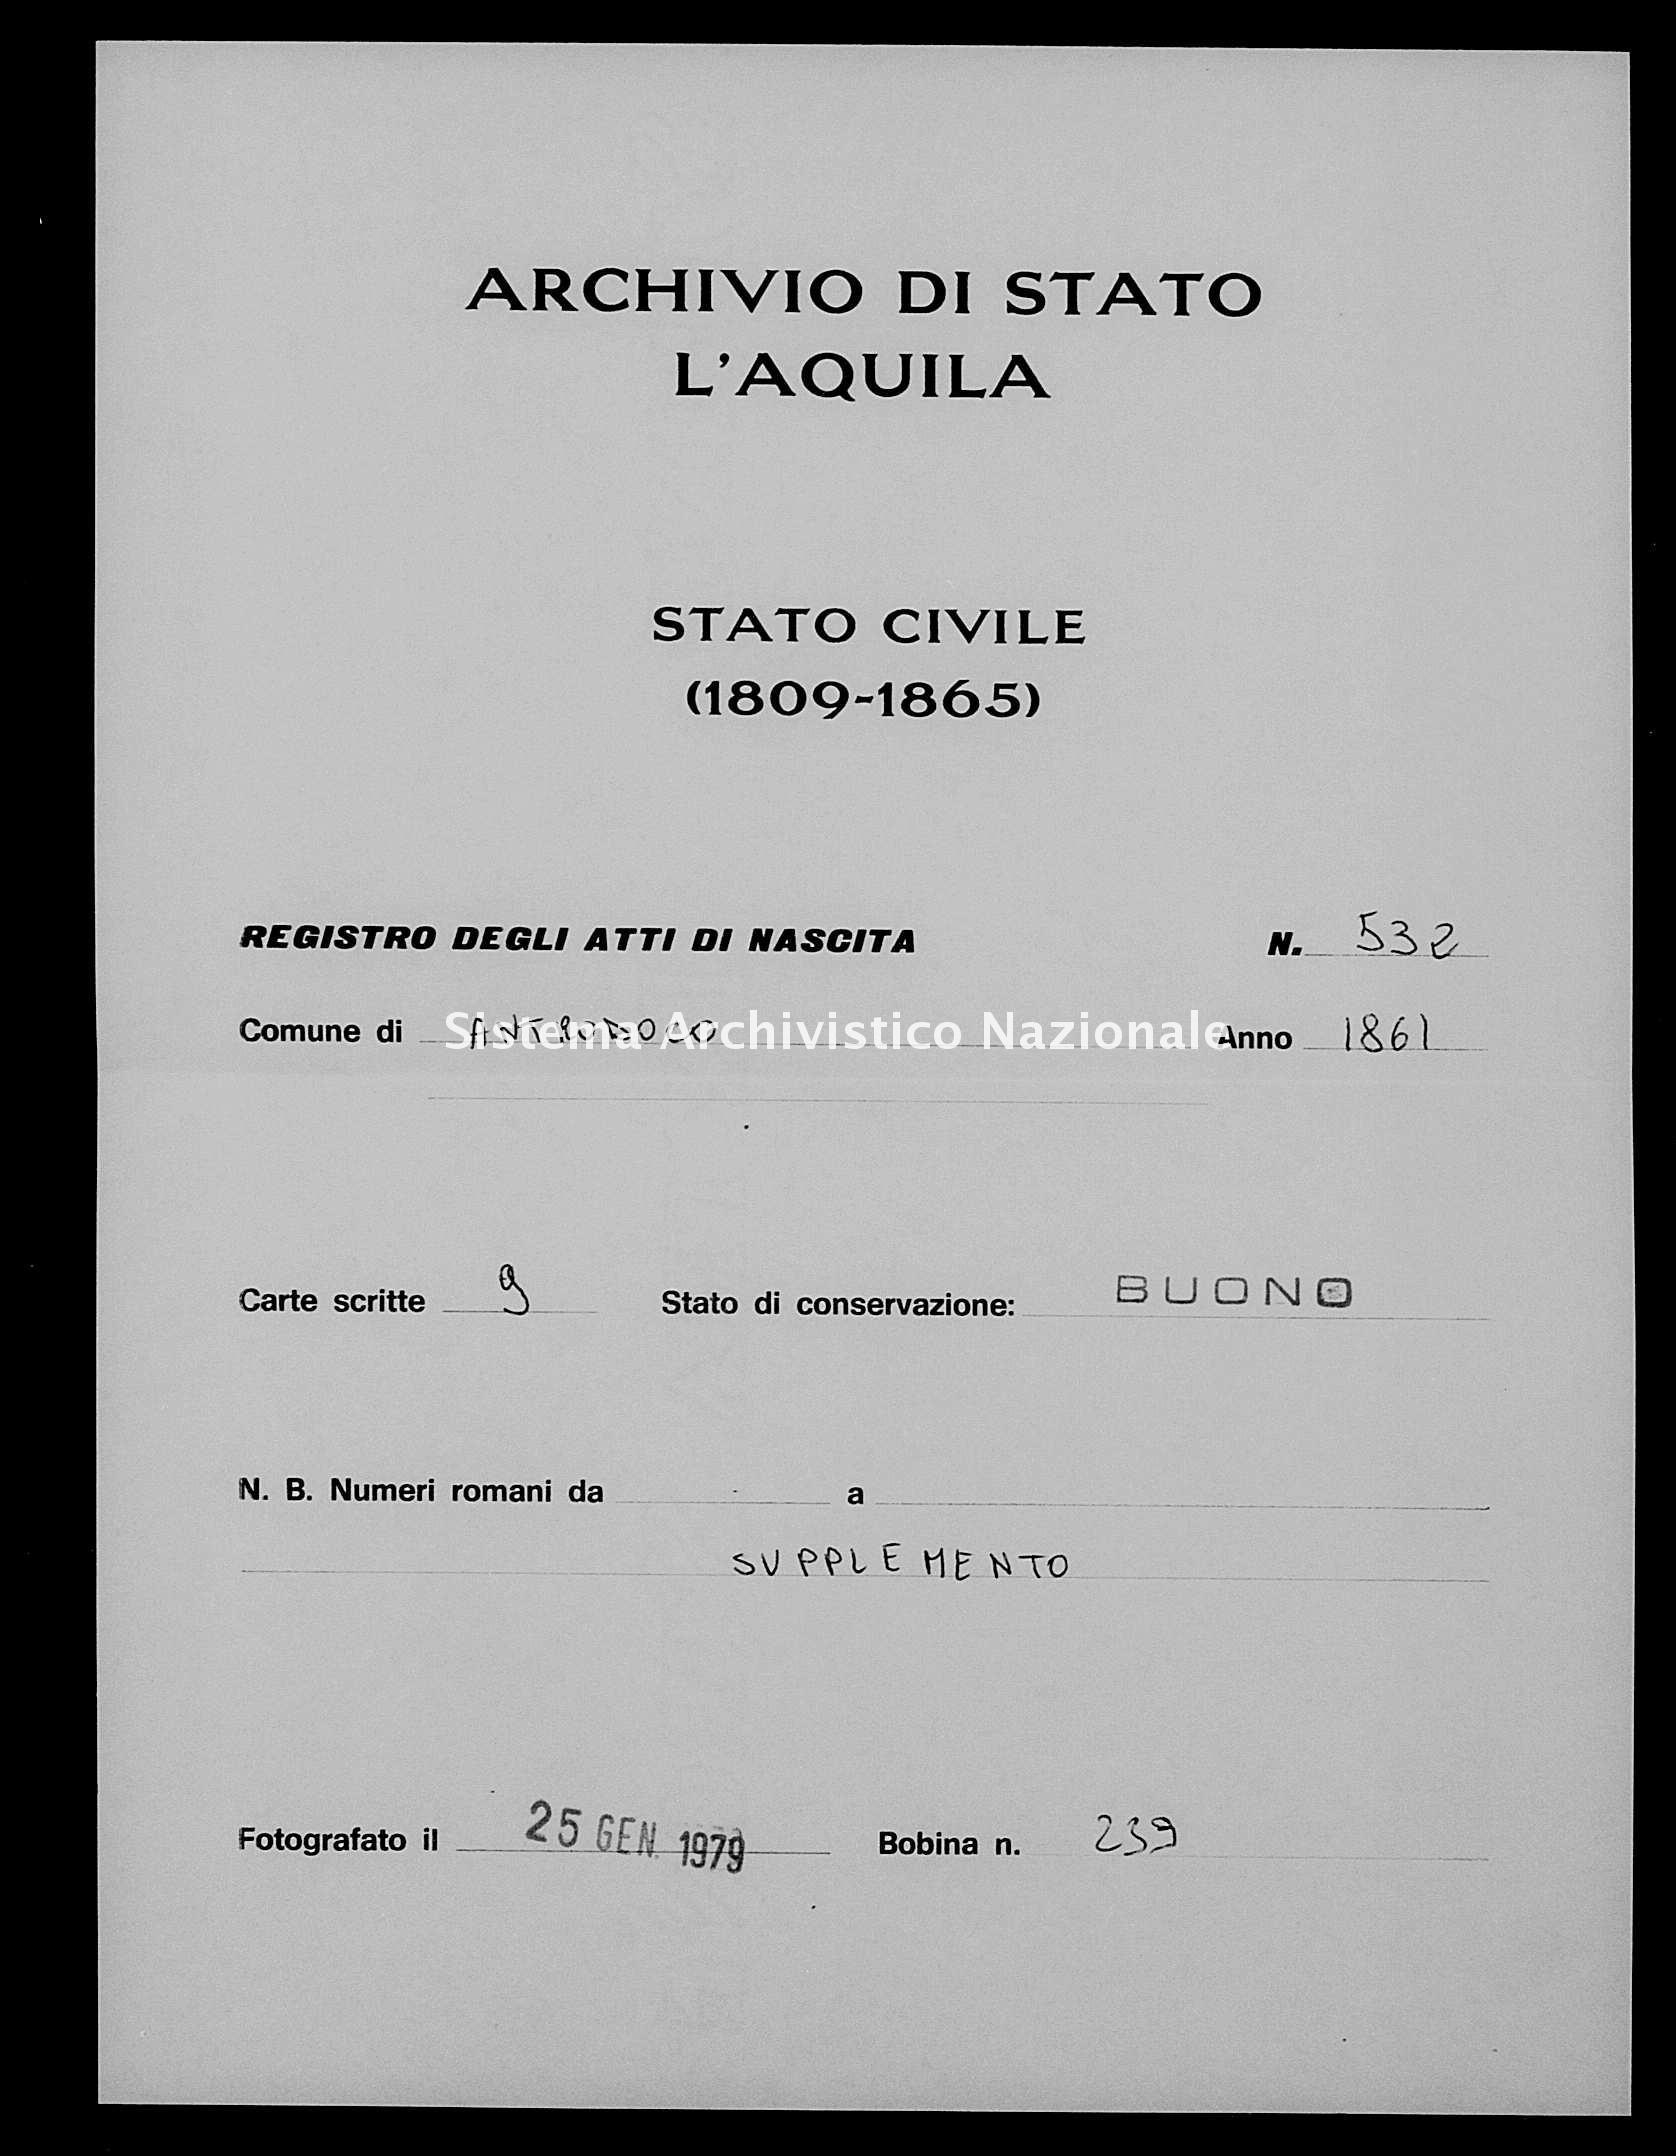 Archivio di stato di L'aquila - Stato civile italiano - Antrodoco - Nati esposti - 1861 - 532 -